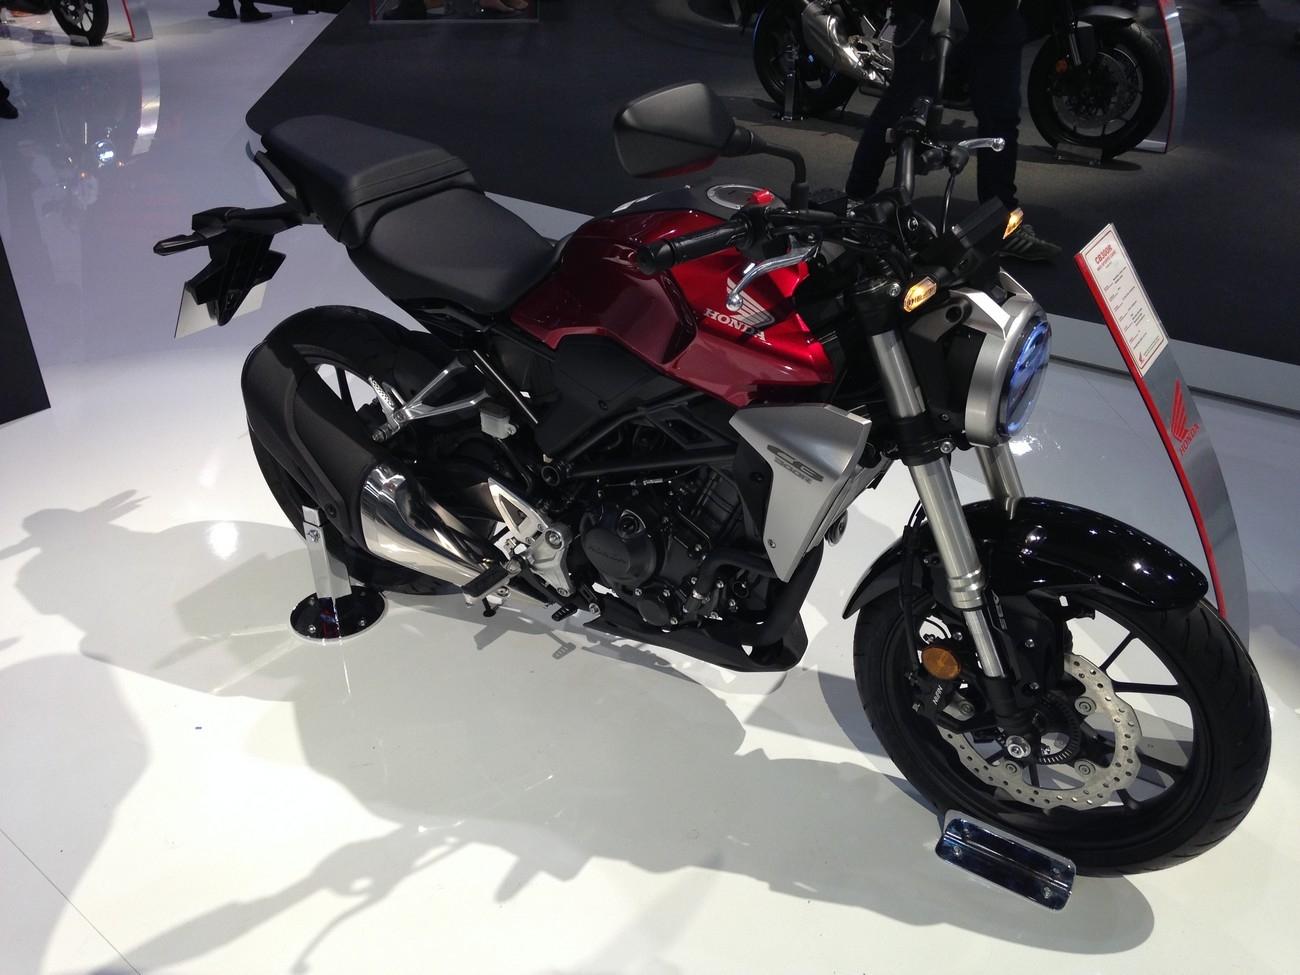 Salon de milan 2017 en direct honda cb 300 r for Salon de milan moto 2018